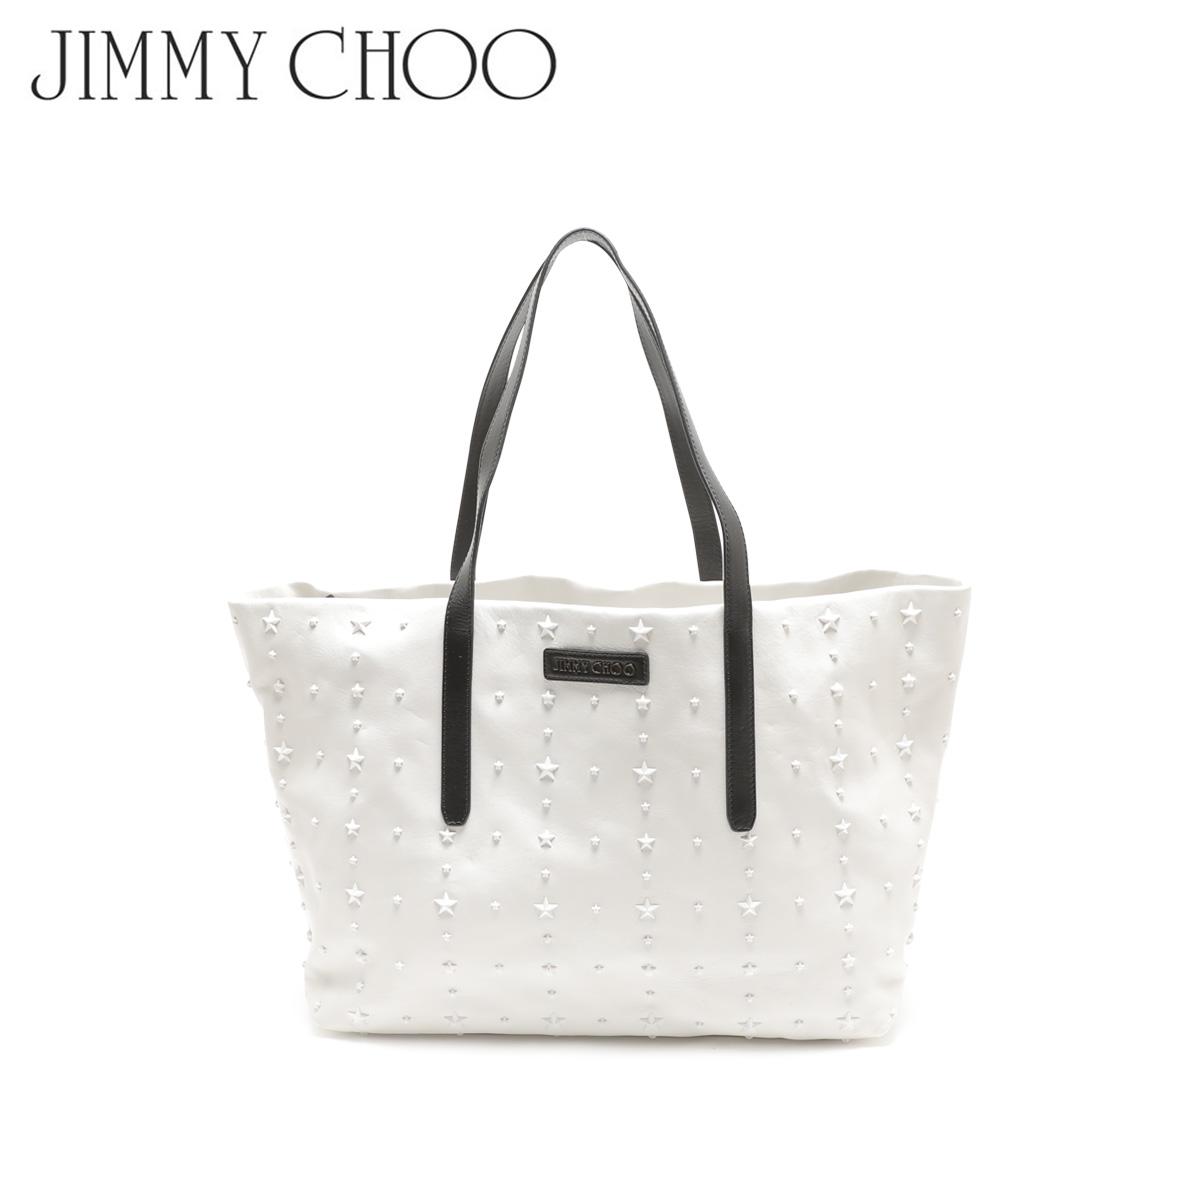 【訳あり】 JIMMY CHOO ジミーチュウ バッグ トートバッグ スタッズ レディース TOTE BAG ホワイト 白 1119104 【返品不可】